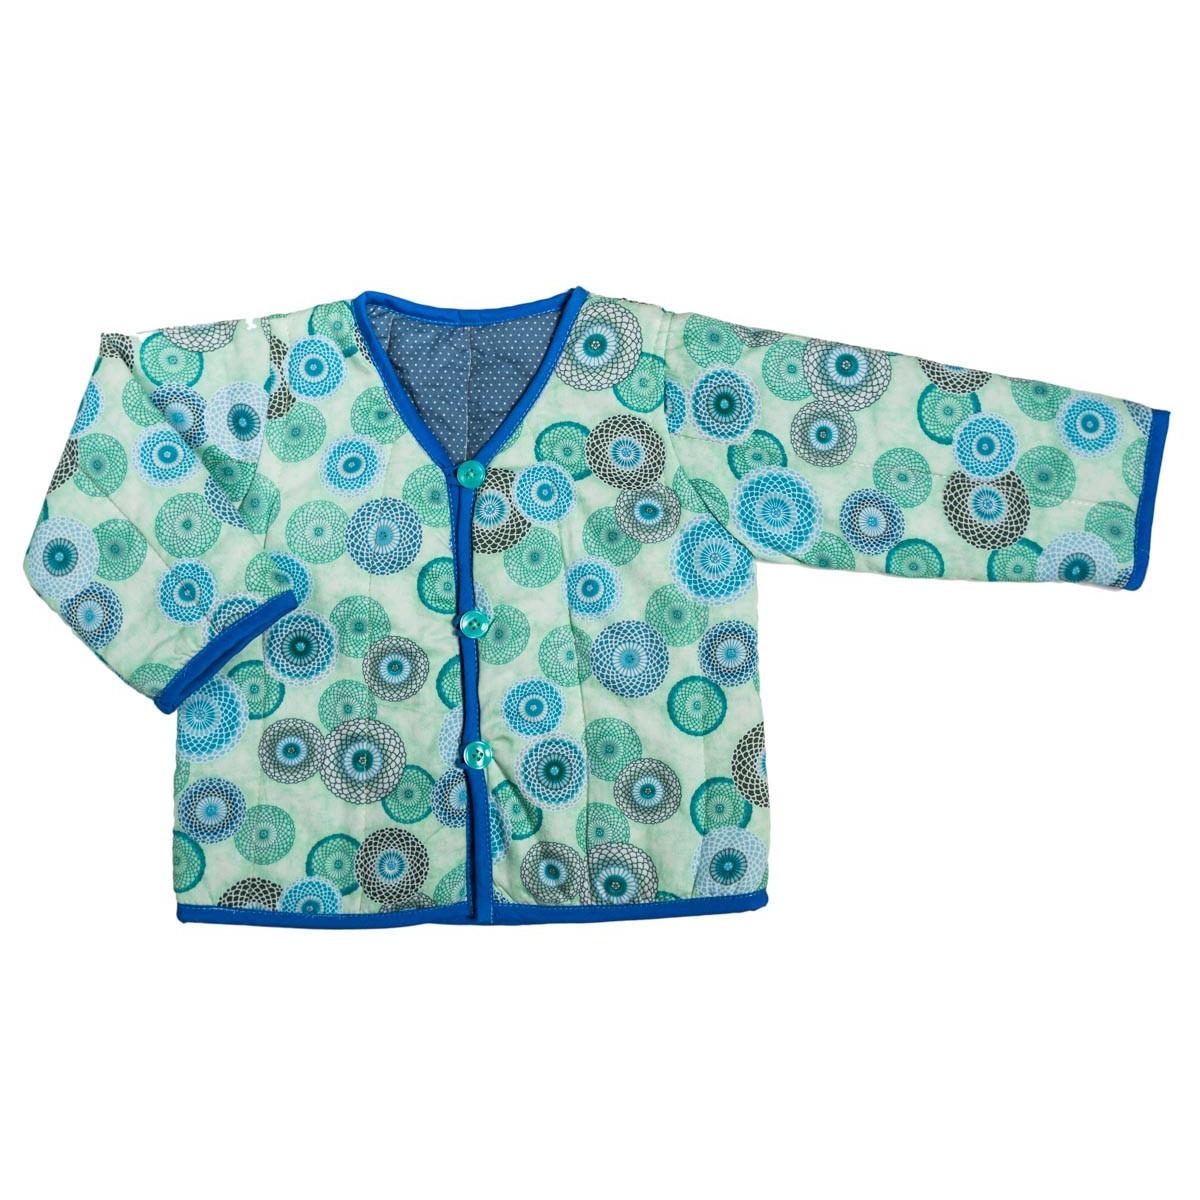 Veste bébé 0-24 mois réversible coton gris et bleu